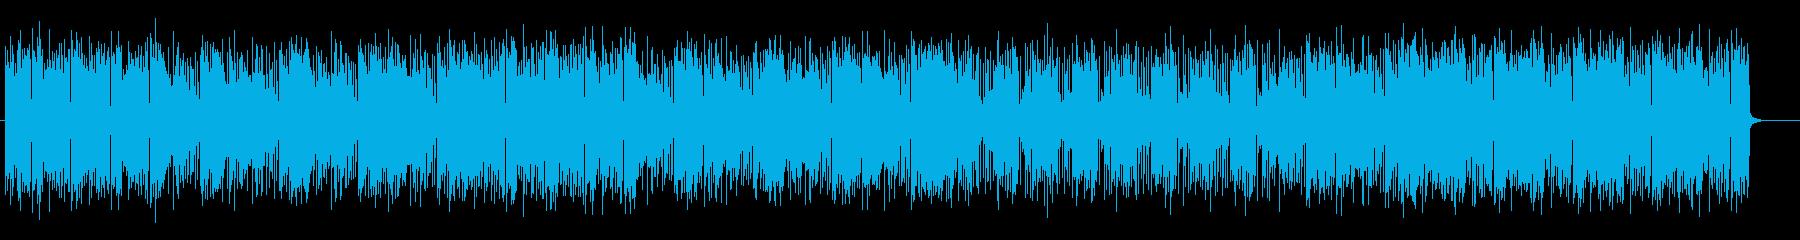 軽快なリズムで明るいポップスの再生済みの波形